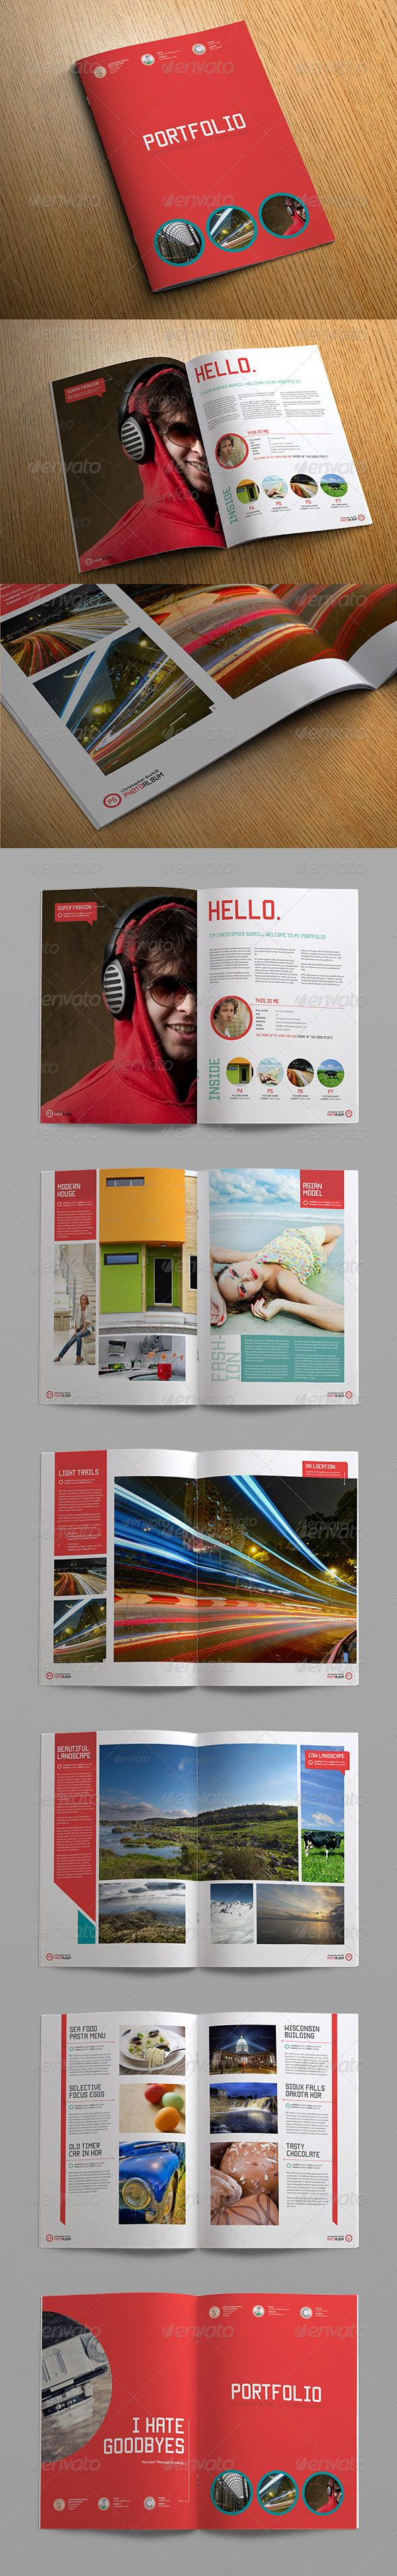 Sleek Photo Album Portfolio